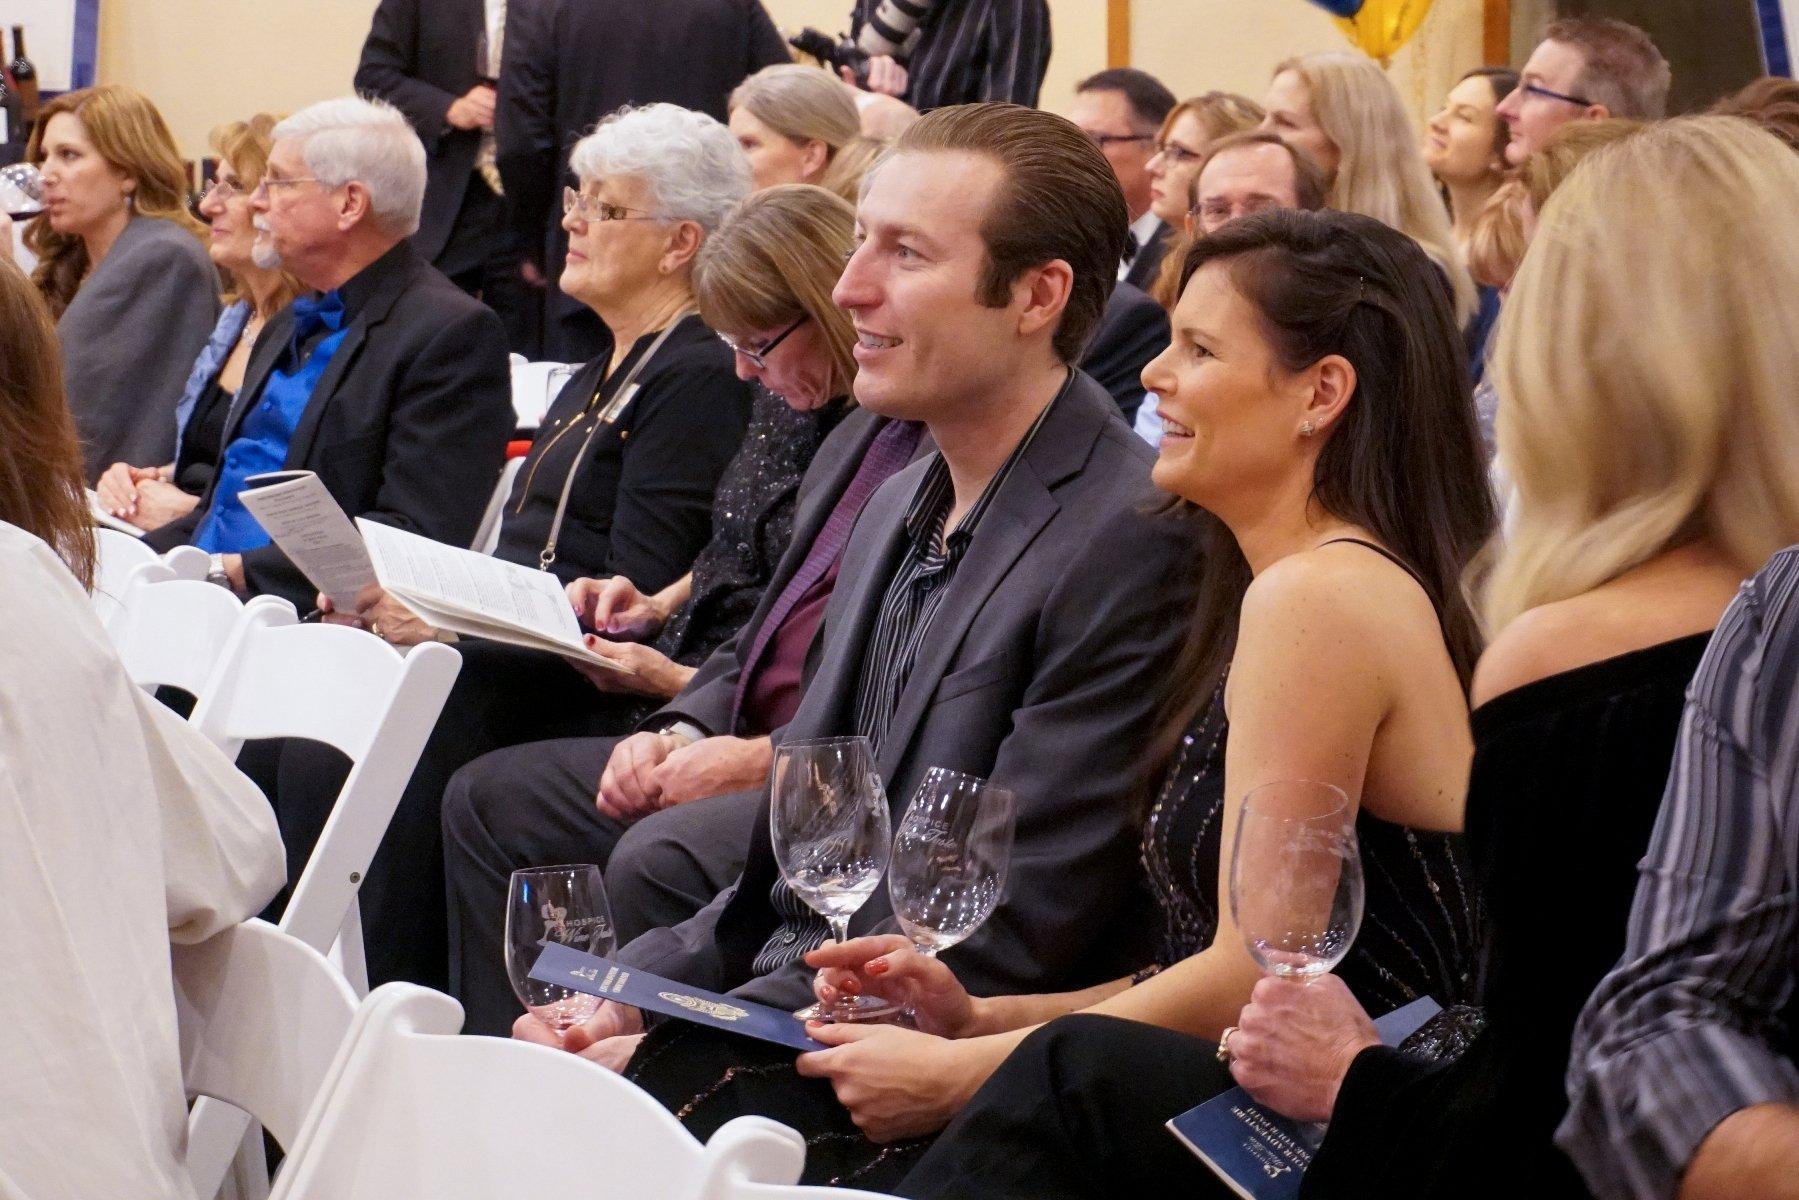 Hospice Wine Taste Black Tie Fundraiser